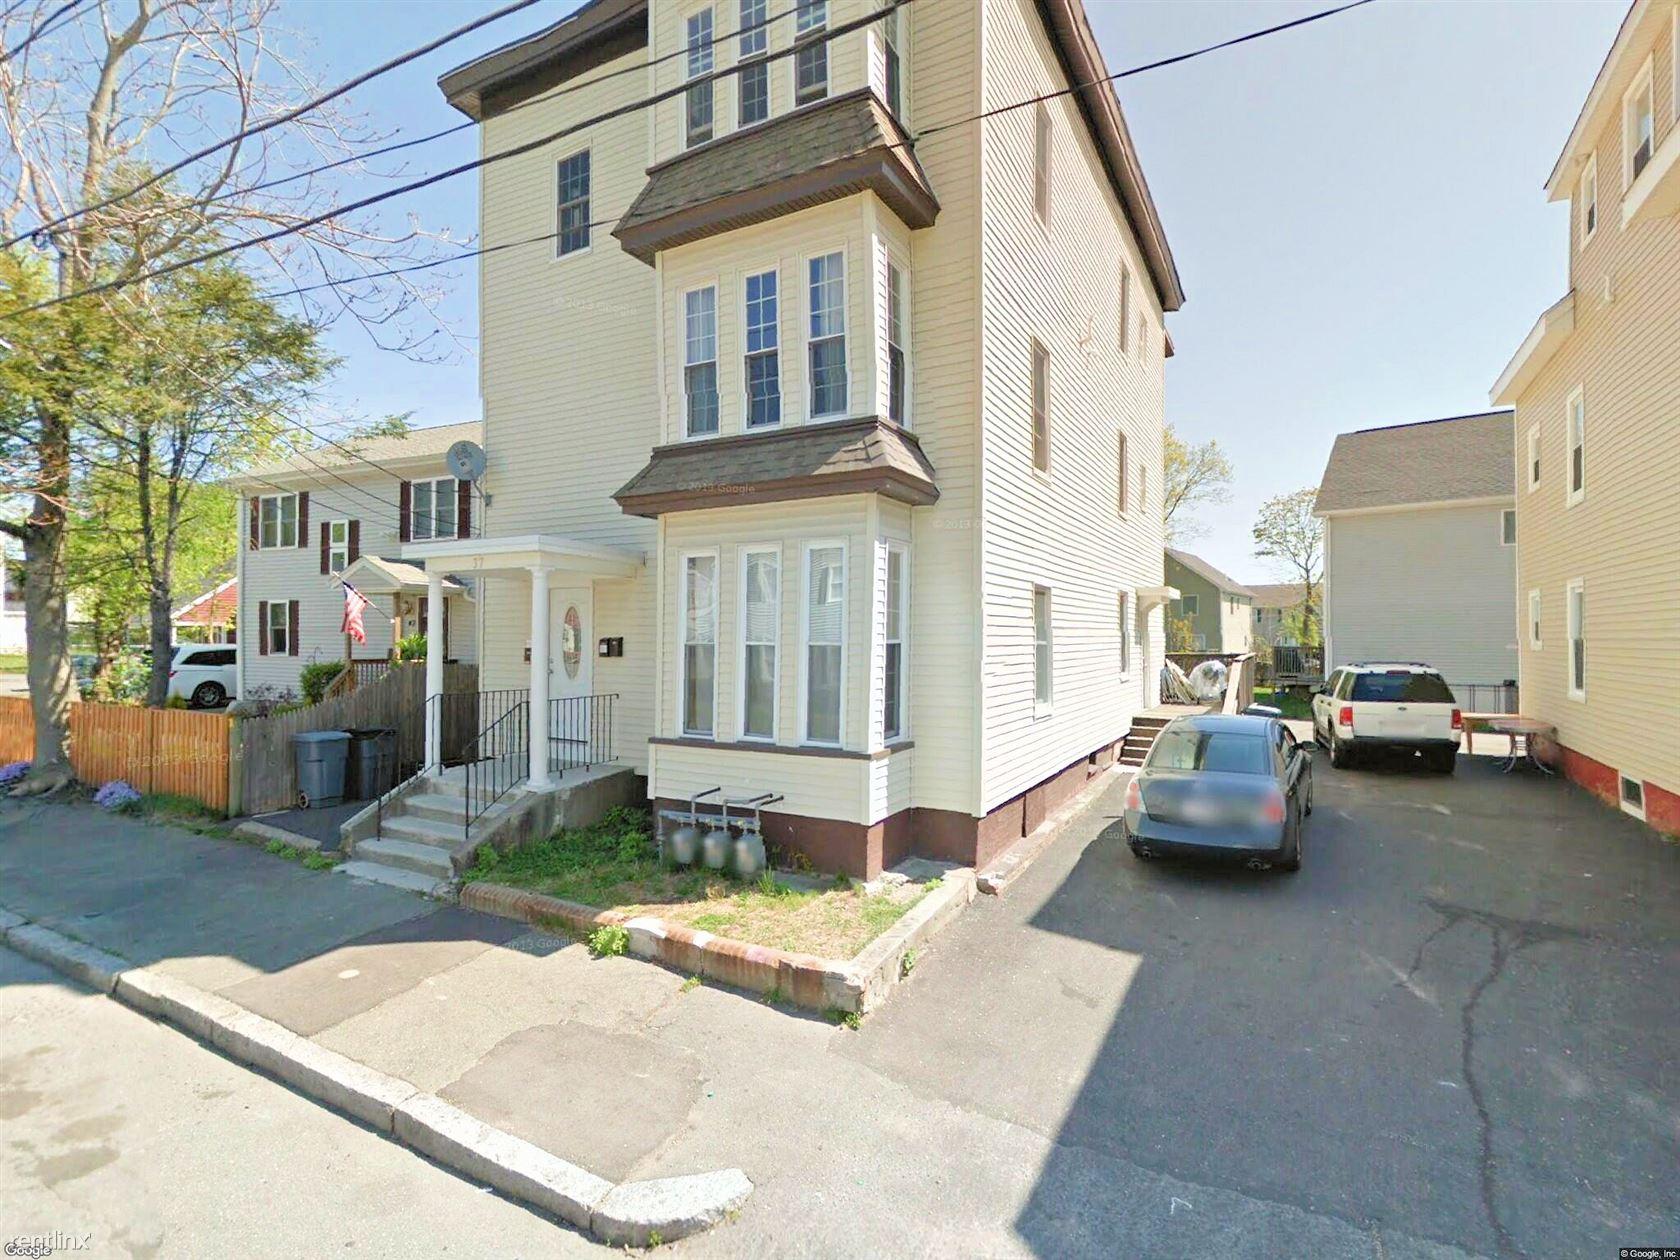 37 Walnut St Apt 3, Brockton, MA - $2,100